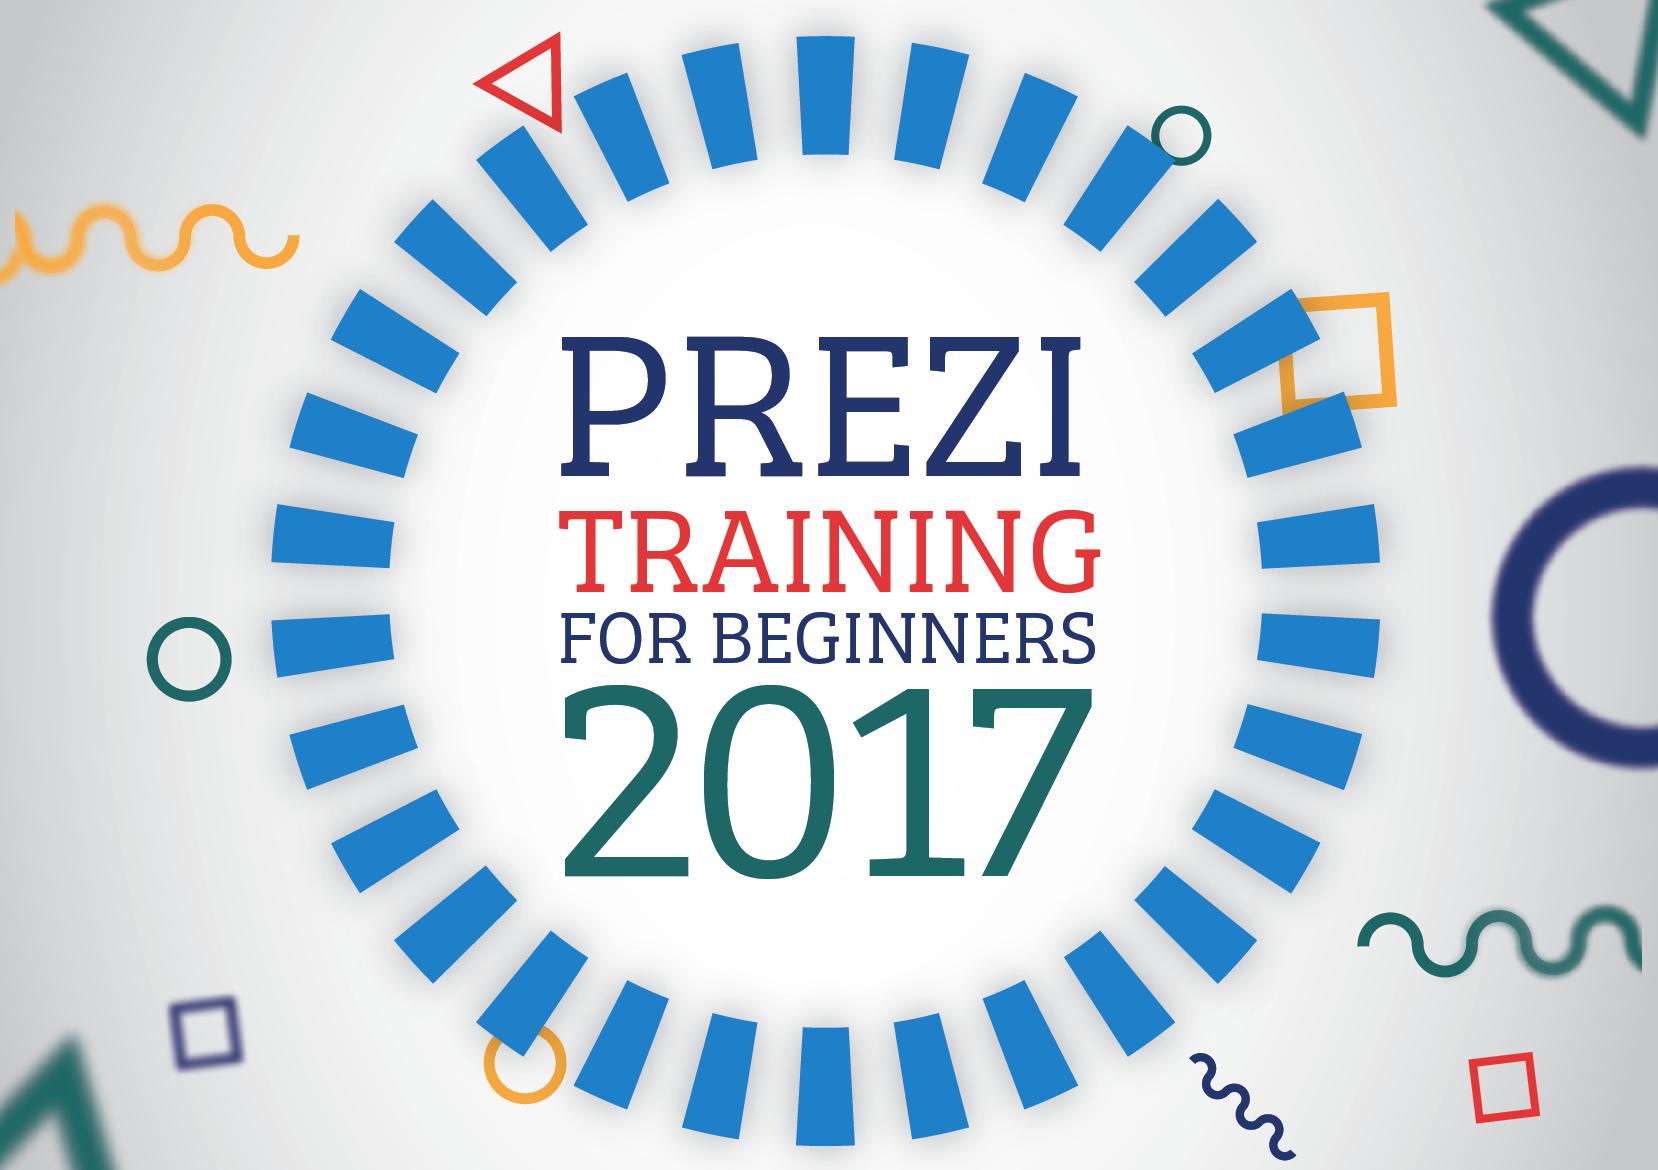 Prezi Training for beginners, Bristol June 28